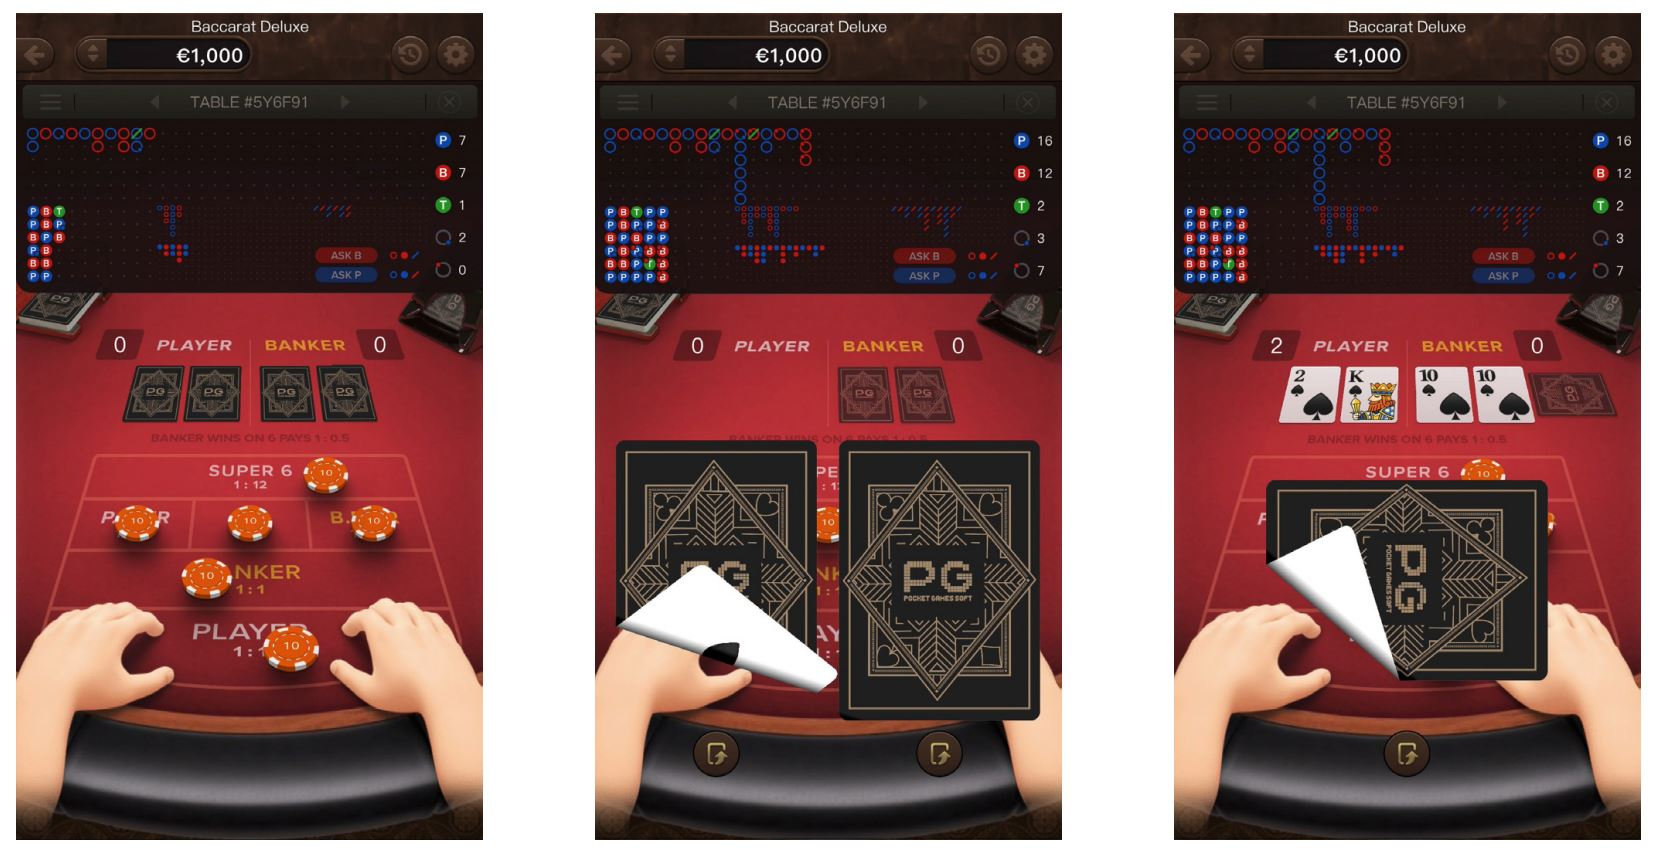 Baccarat-Deluxe-Gametips